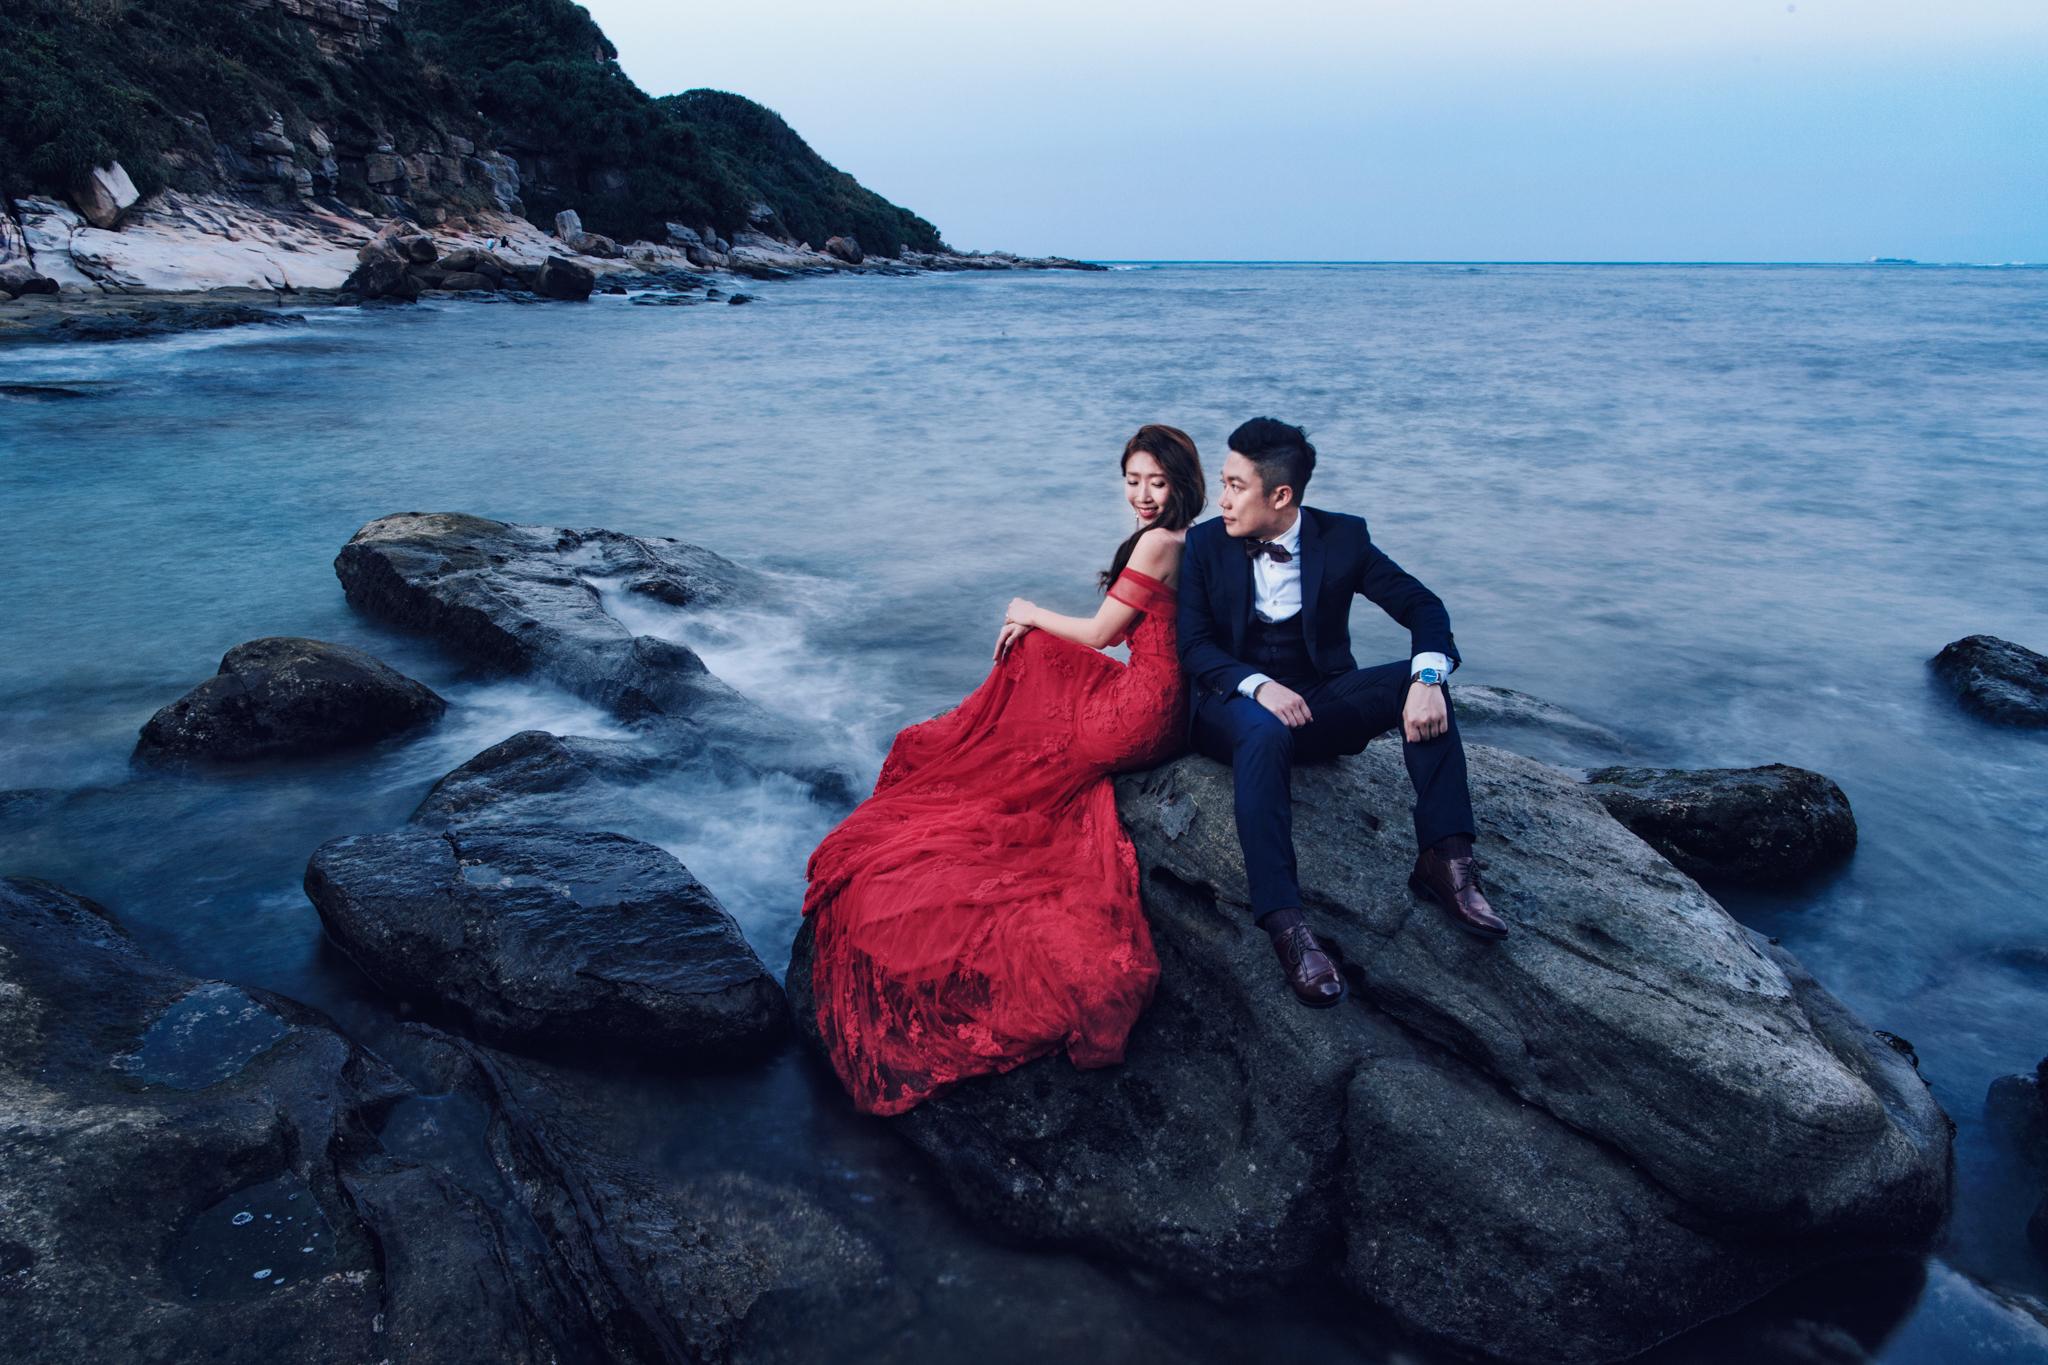 自主婚紗, 自助婚紗, 東法, 藝術婚禮, Donfer, Donfer Photography, EASTERN WEDDING, 台北婚紗